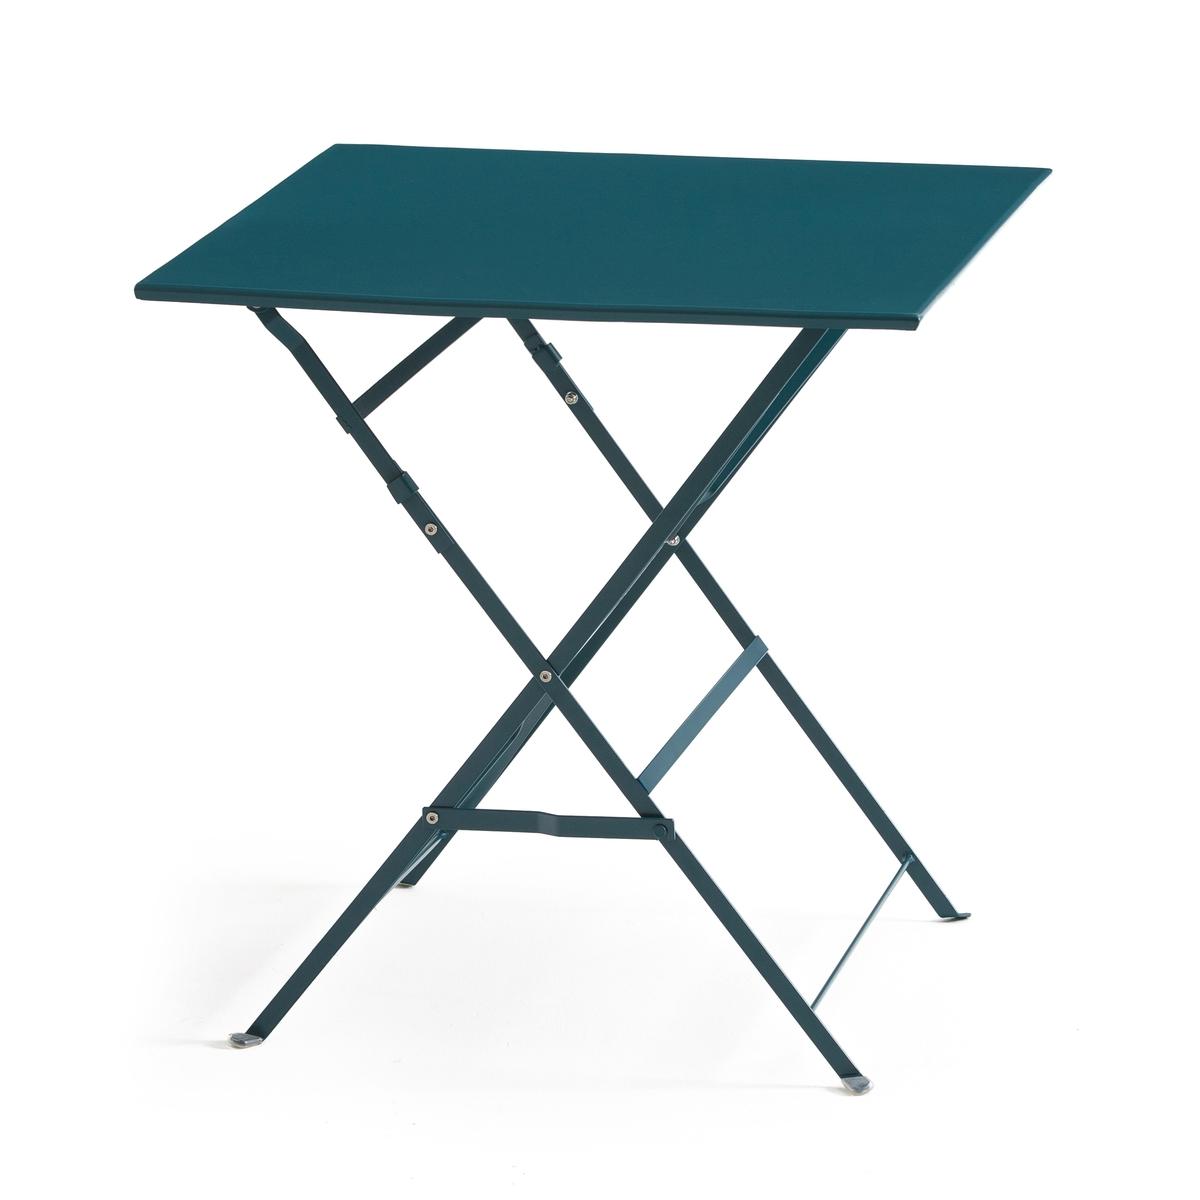 Стол LaRedoute Складной квадратной формы из металла OZEVAN единый размер синий